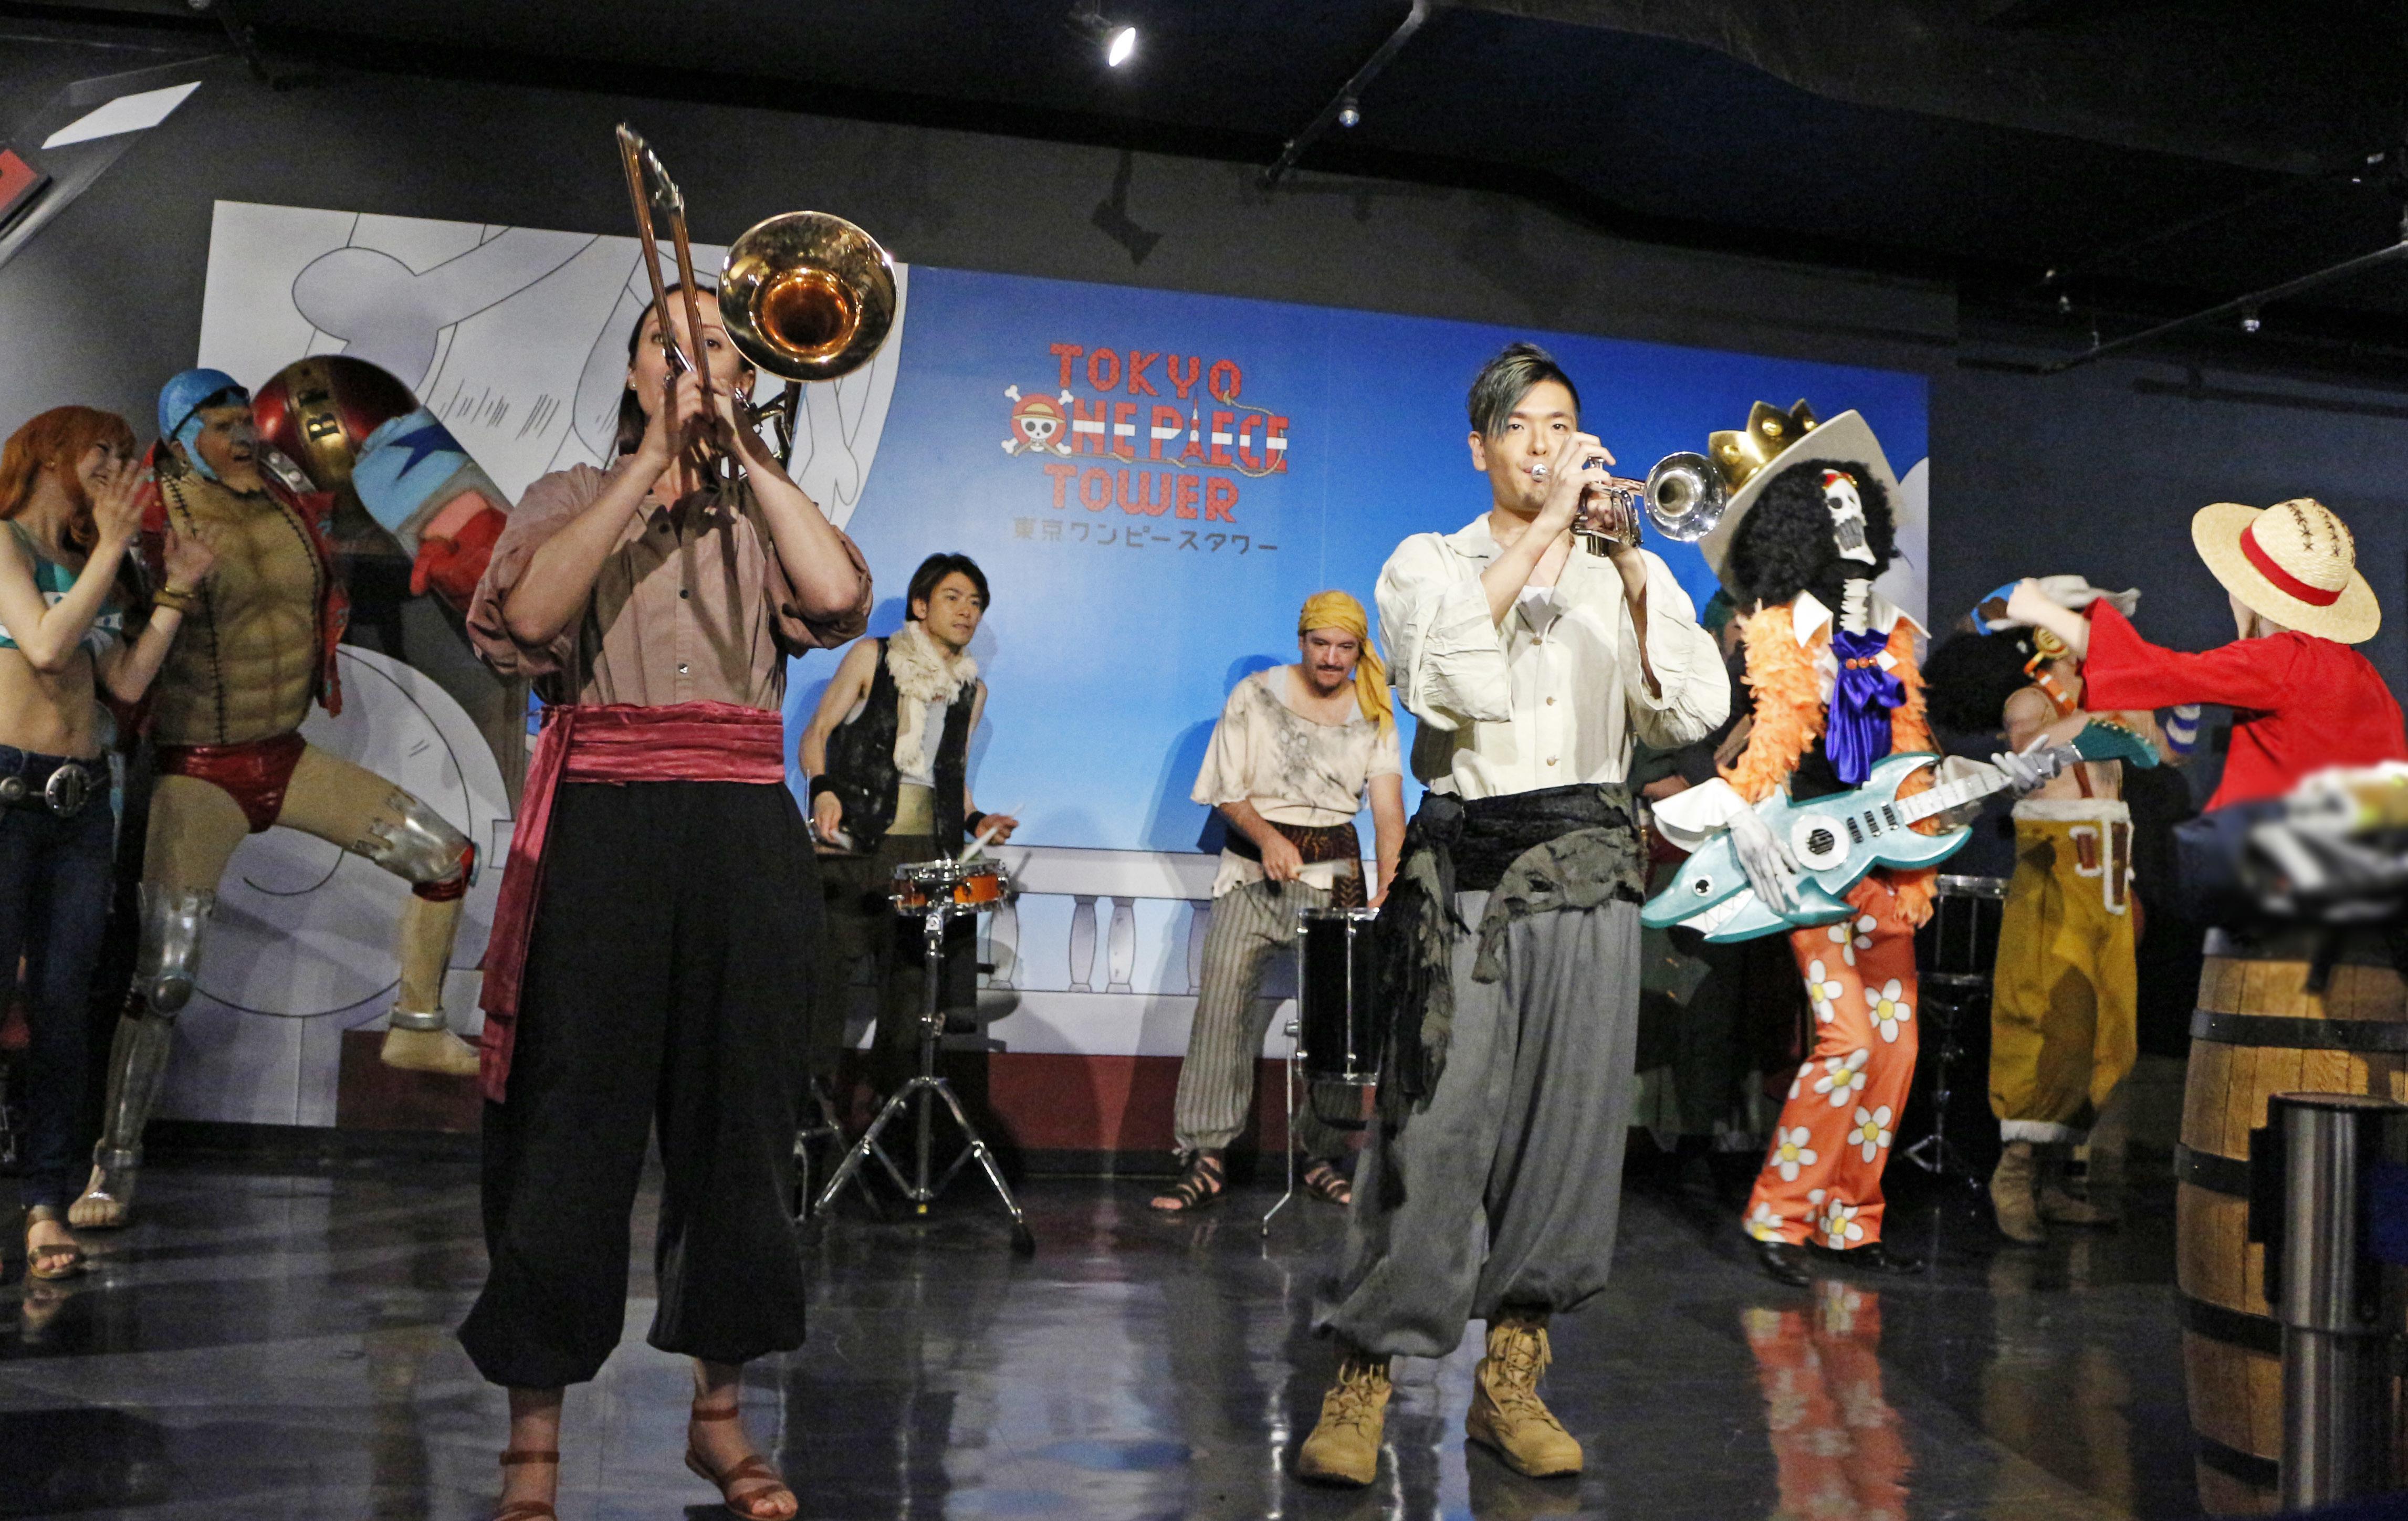 海賊衣装でパフォーマンスを行った4人のミュージシャン